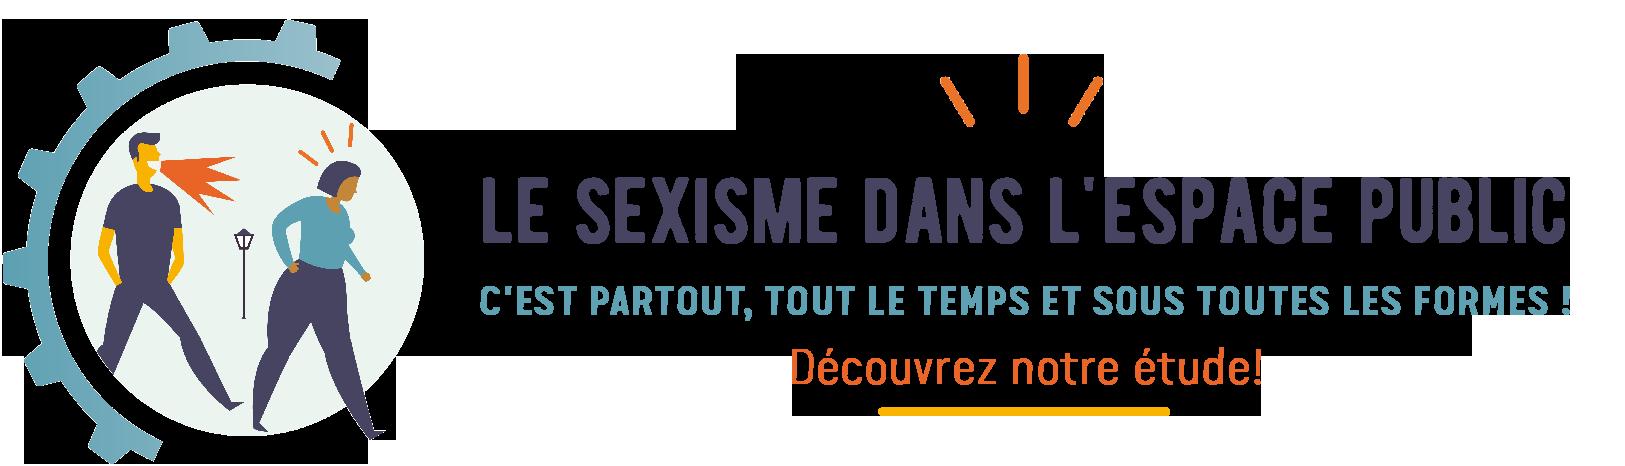 illustration-sexisme.png